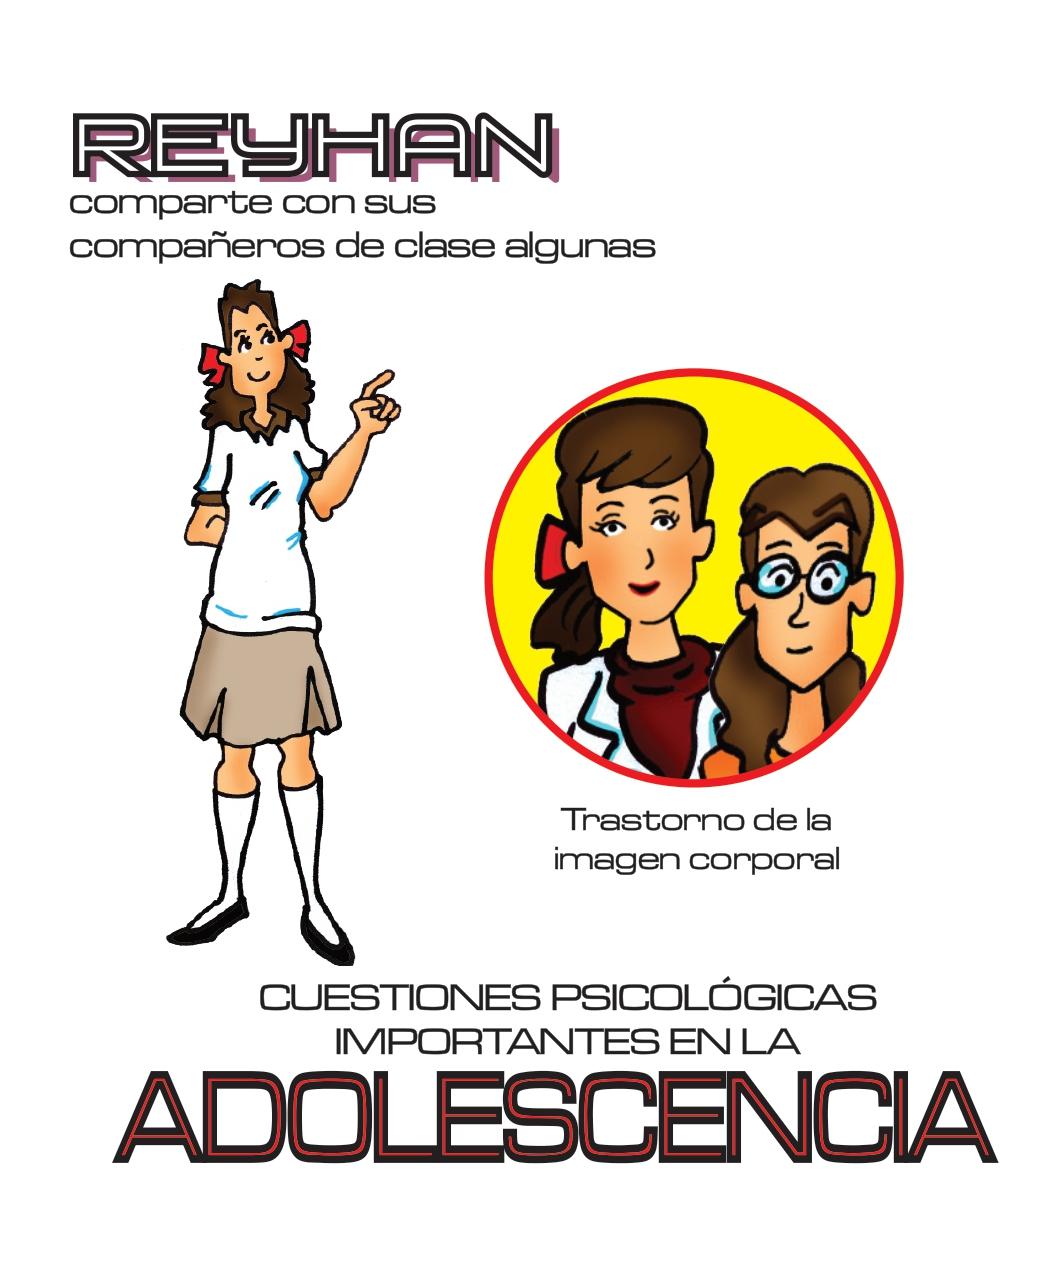 Psicología adolescentes Reyhan cap2 digital_page-0004